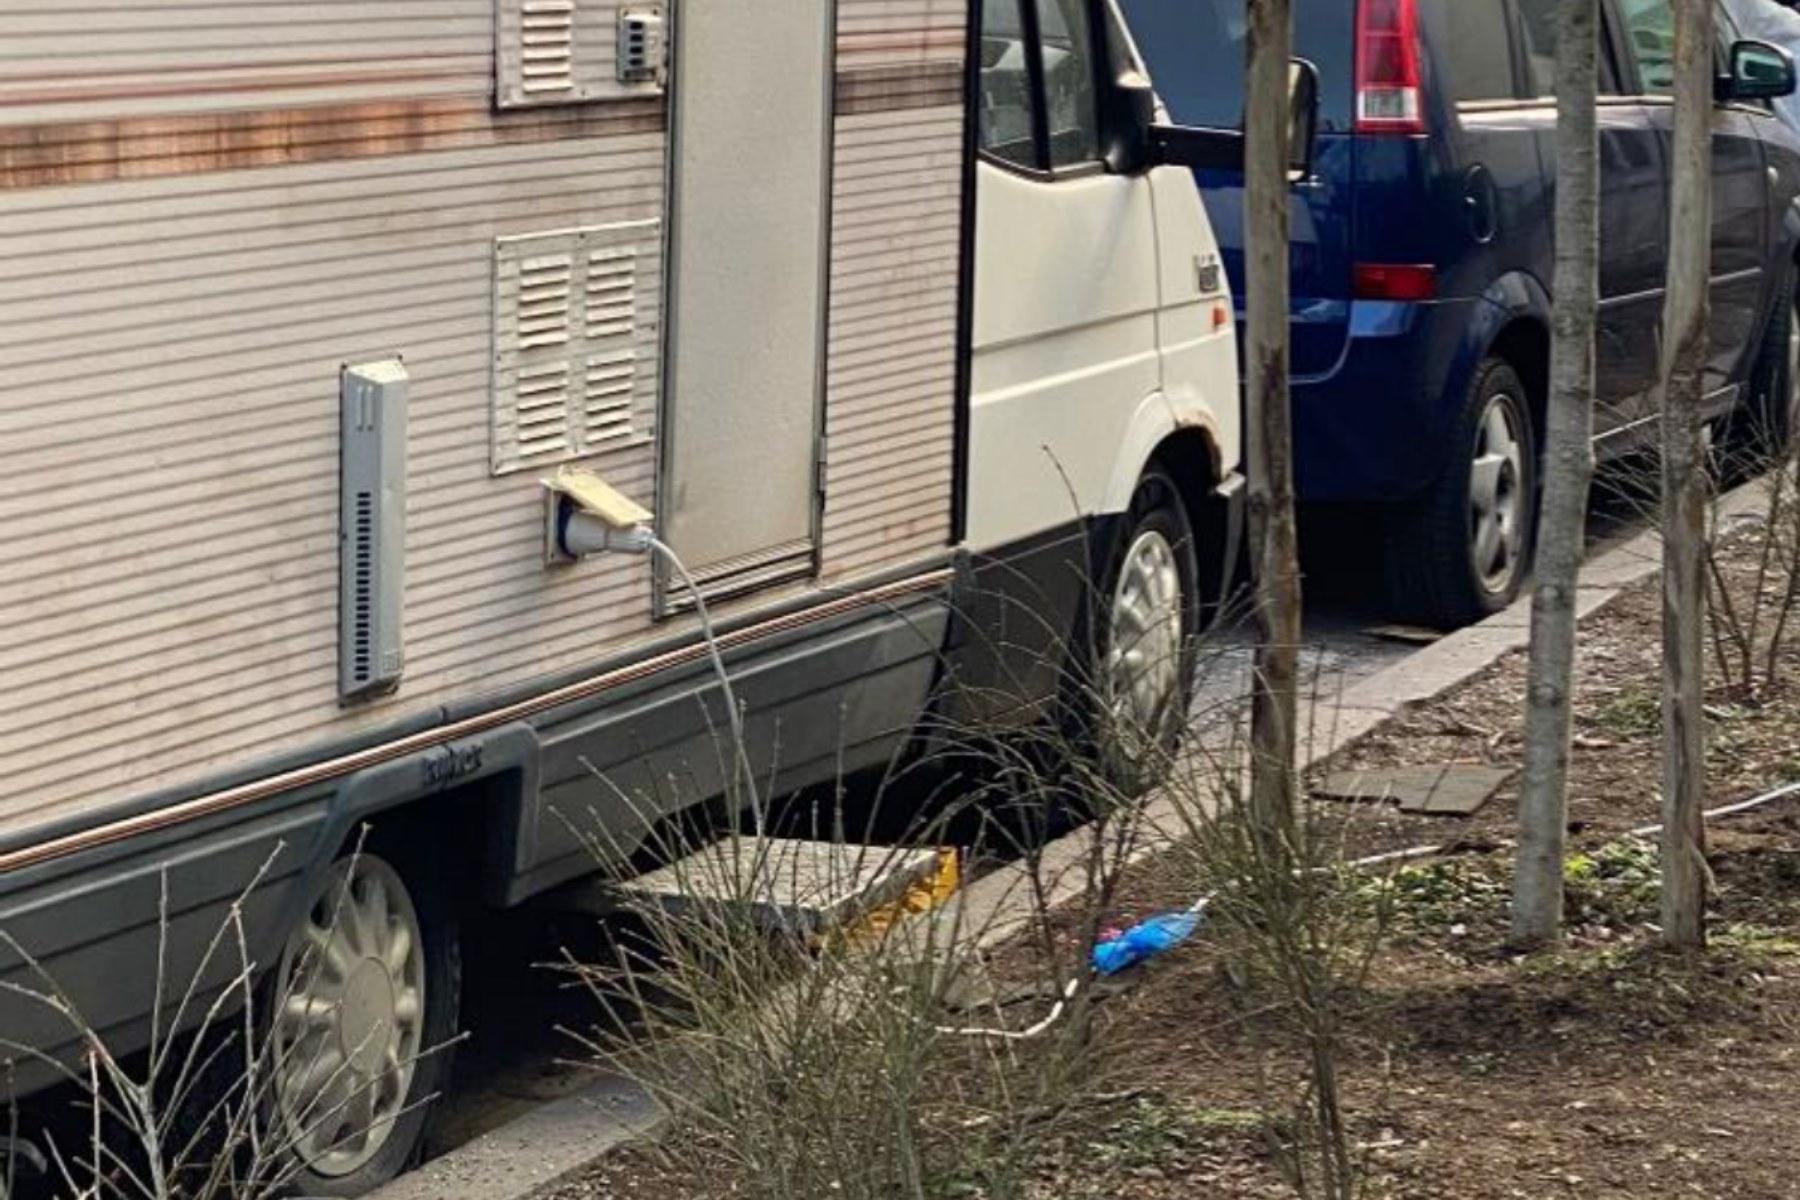 Aktuelle Fragestunde | Wohnwagen bezieht Strom aus einer WOBI-Wohnung